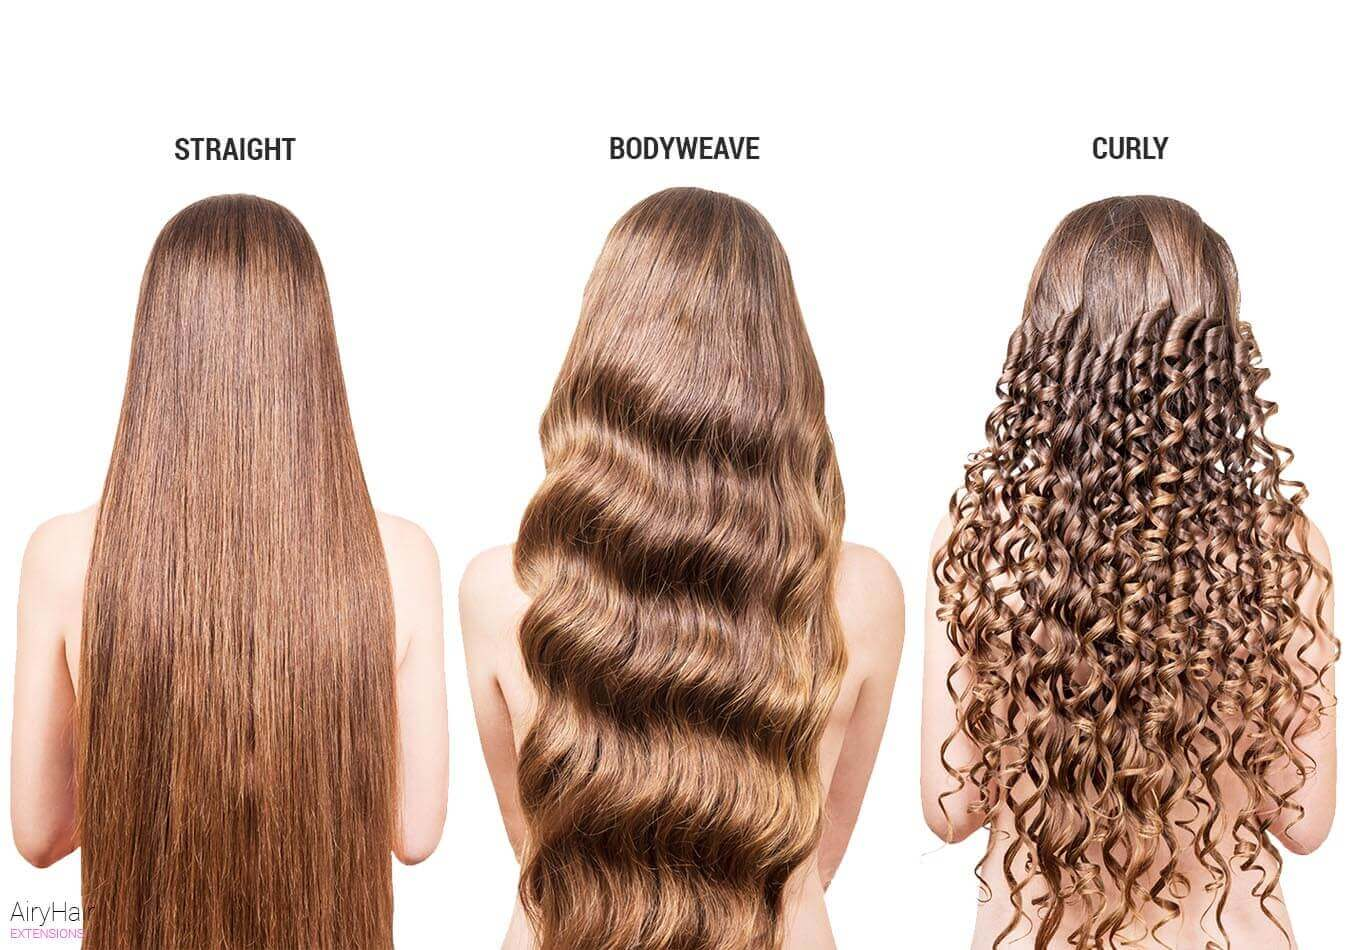 Various hair textures